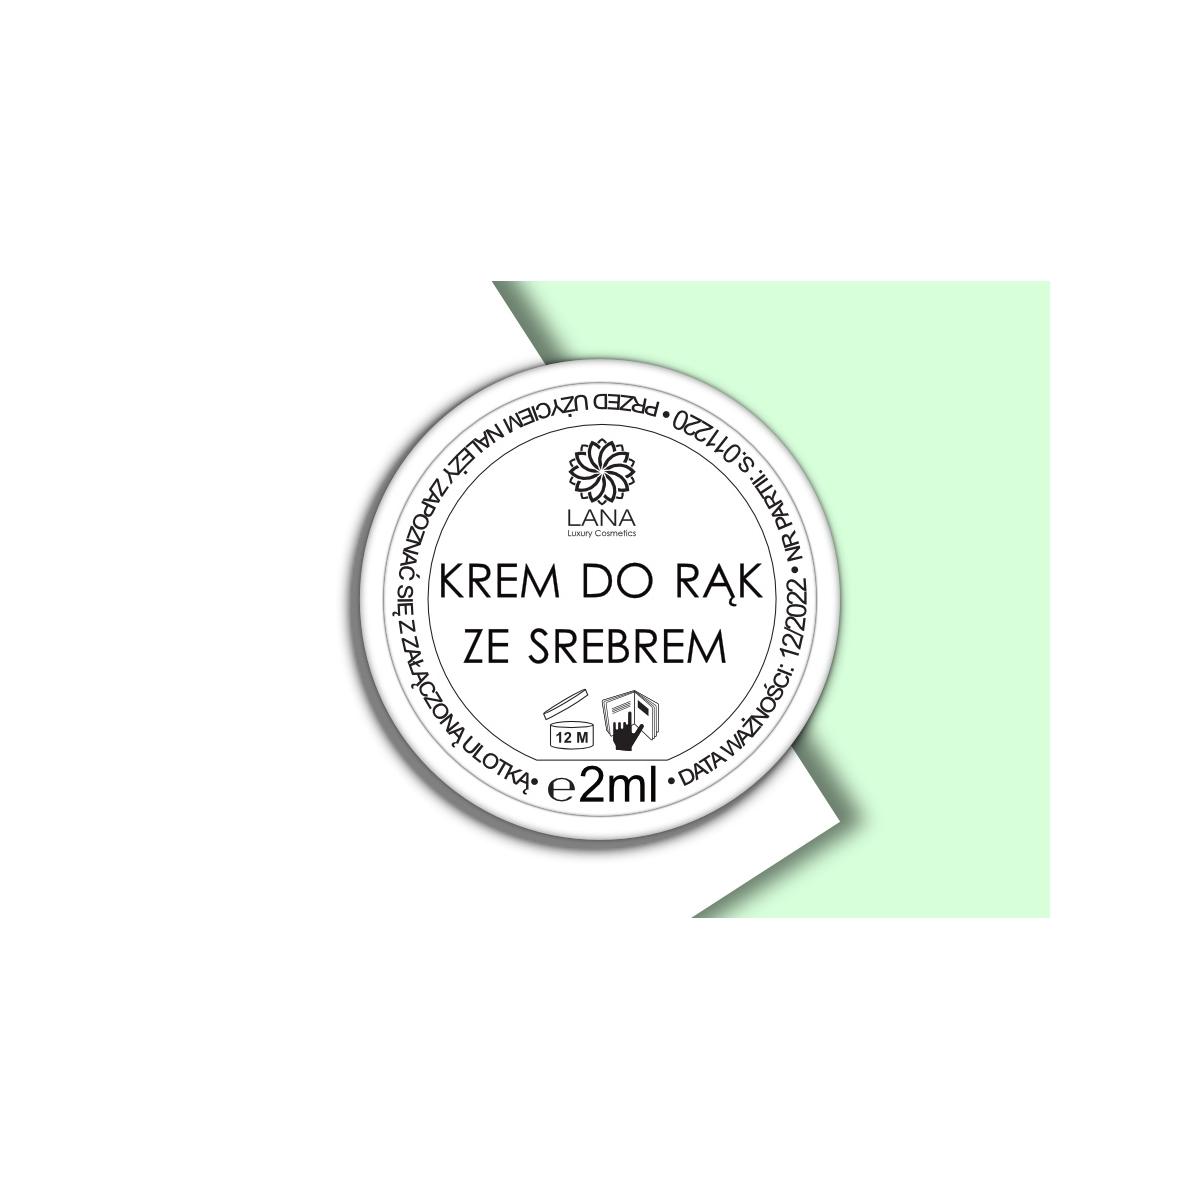 Wypróbuj! Nawilżający Krem do rąk ze srebrem 2ml